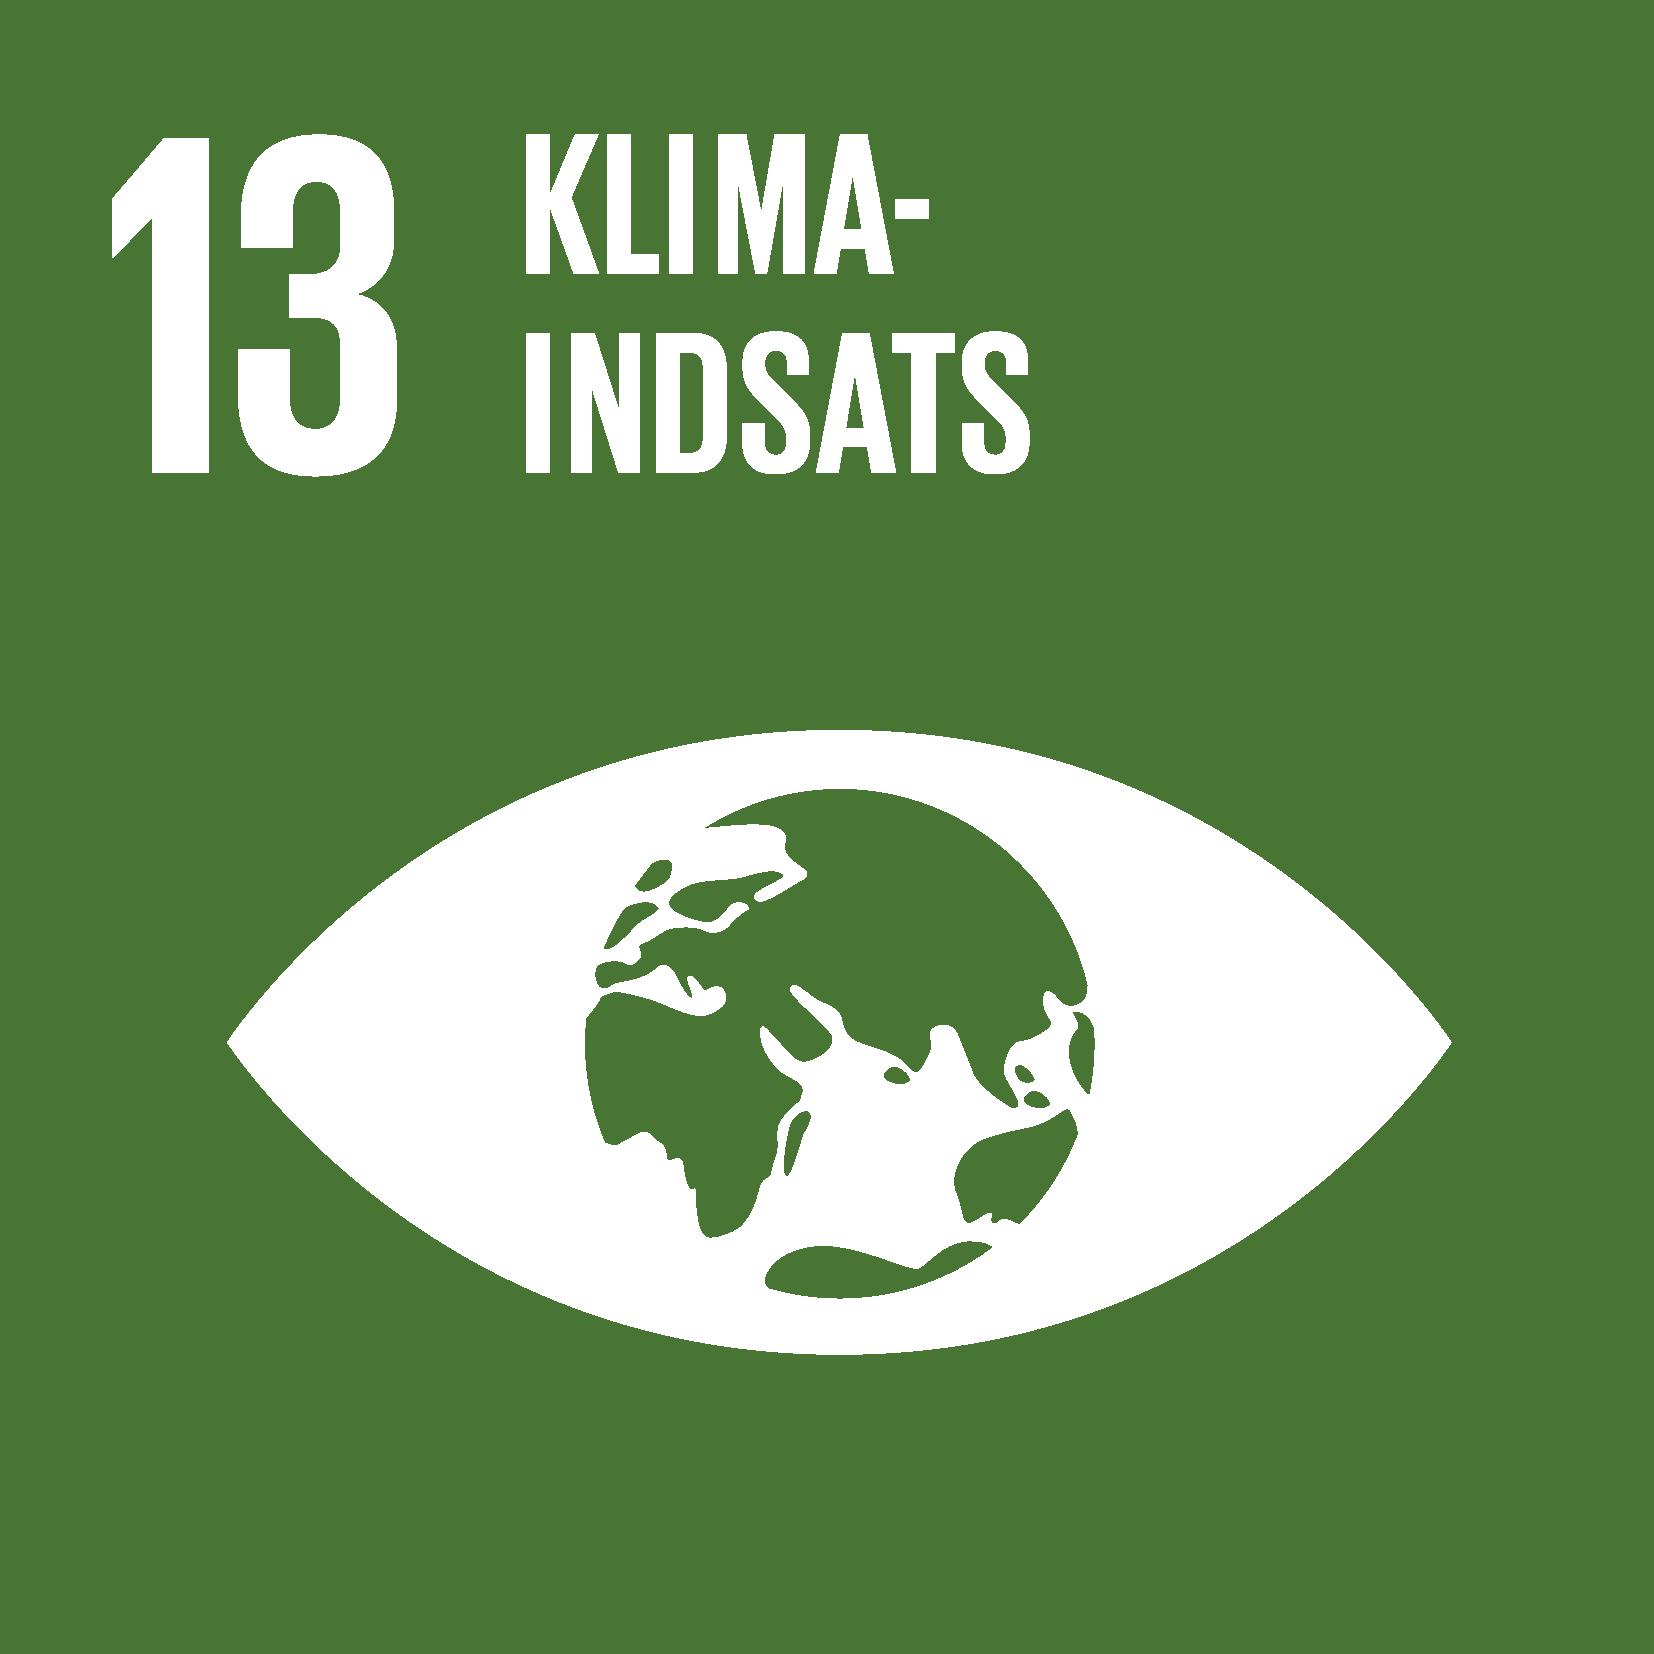 Verdensmål 13